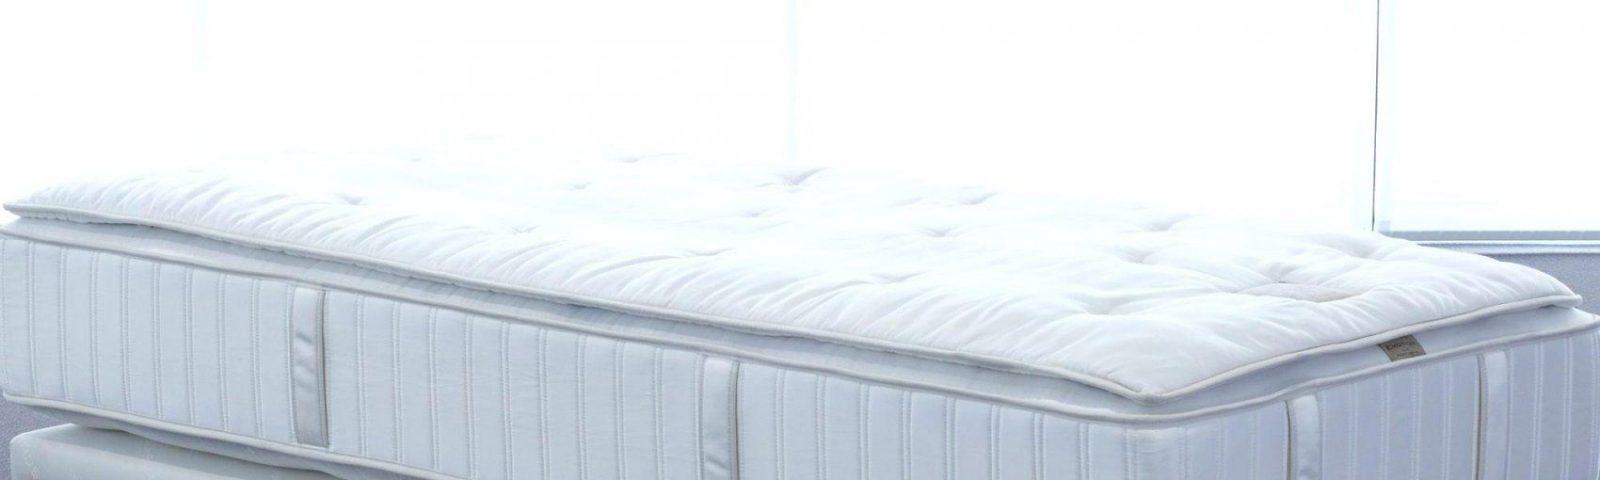 Matratzentopper 180×200 Hochwertiger Topper Temperaturregulierend von Lidl Matratzen Topper Test Bild